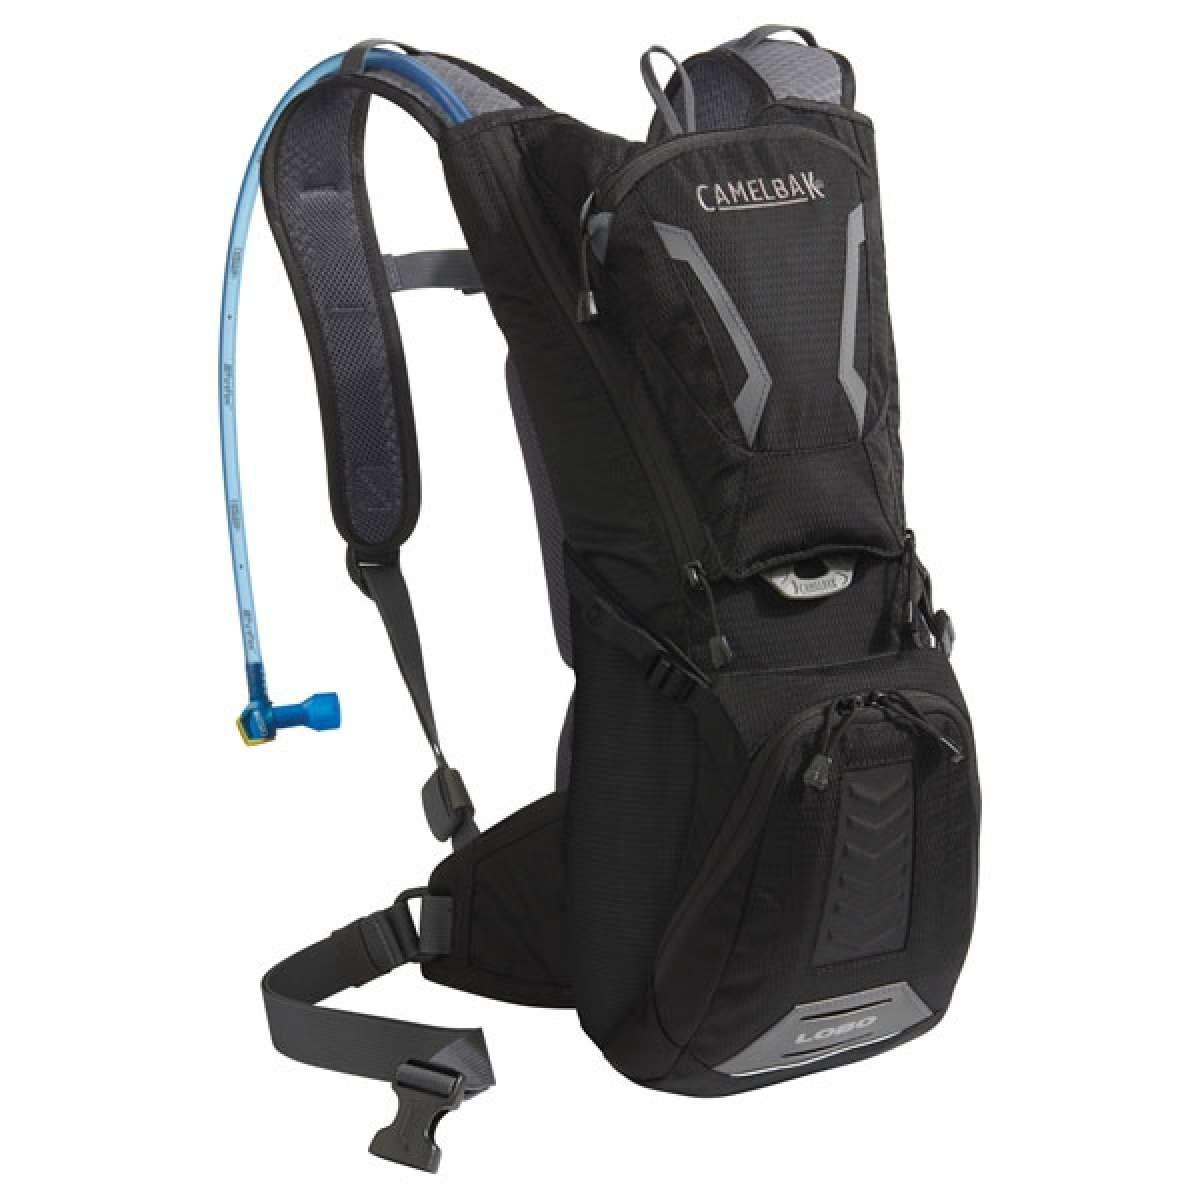 Camelbak Lobo 2011. Una mochila de hidratación ideal para el verano